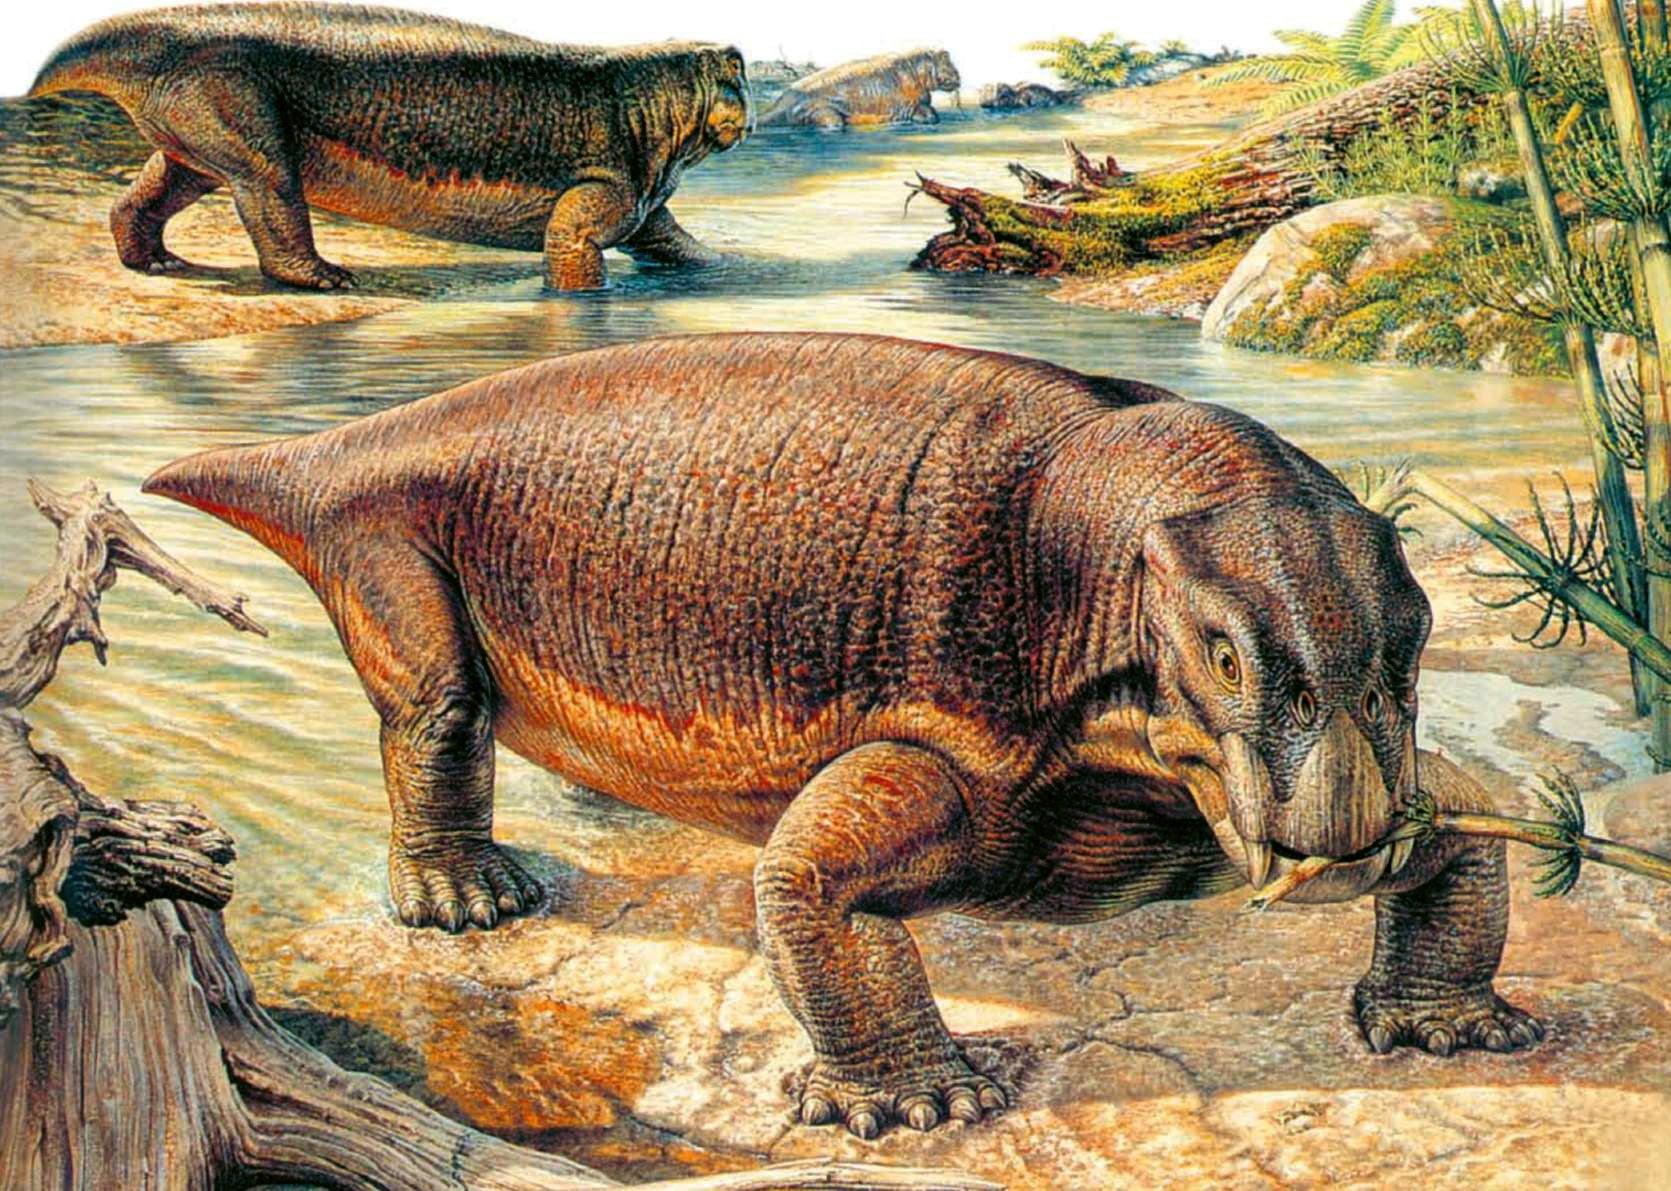 доисторические животные смотреть картинки многие знают